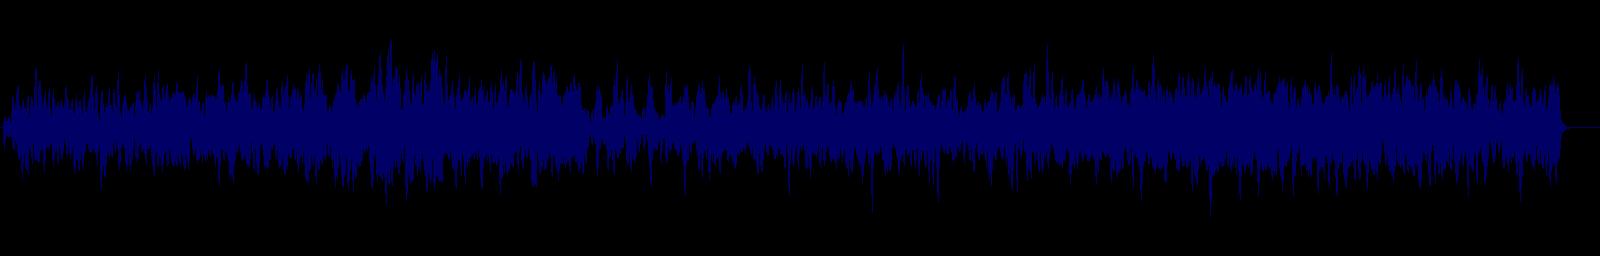 waveform of track #141226